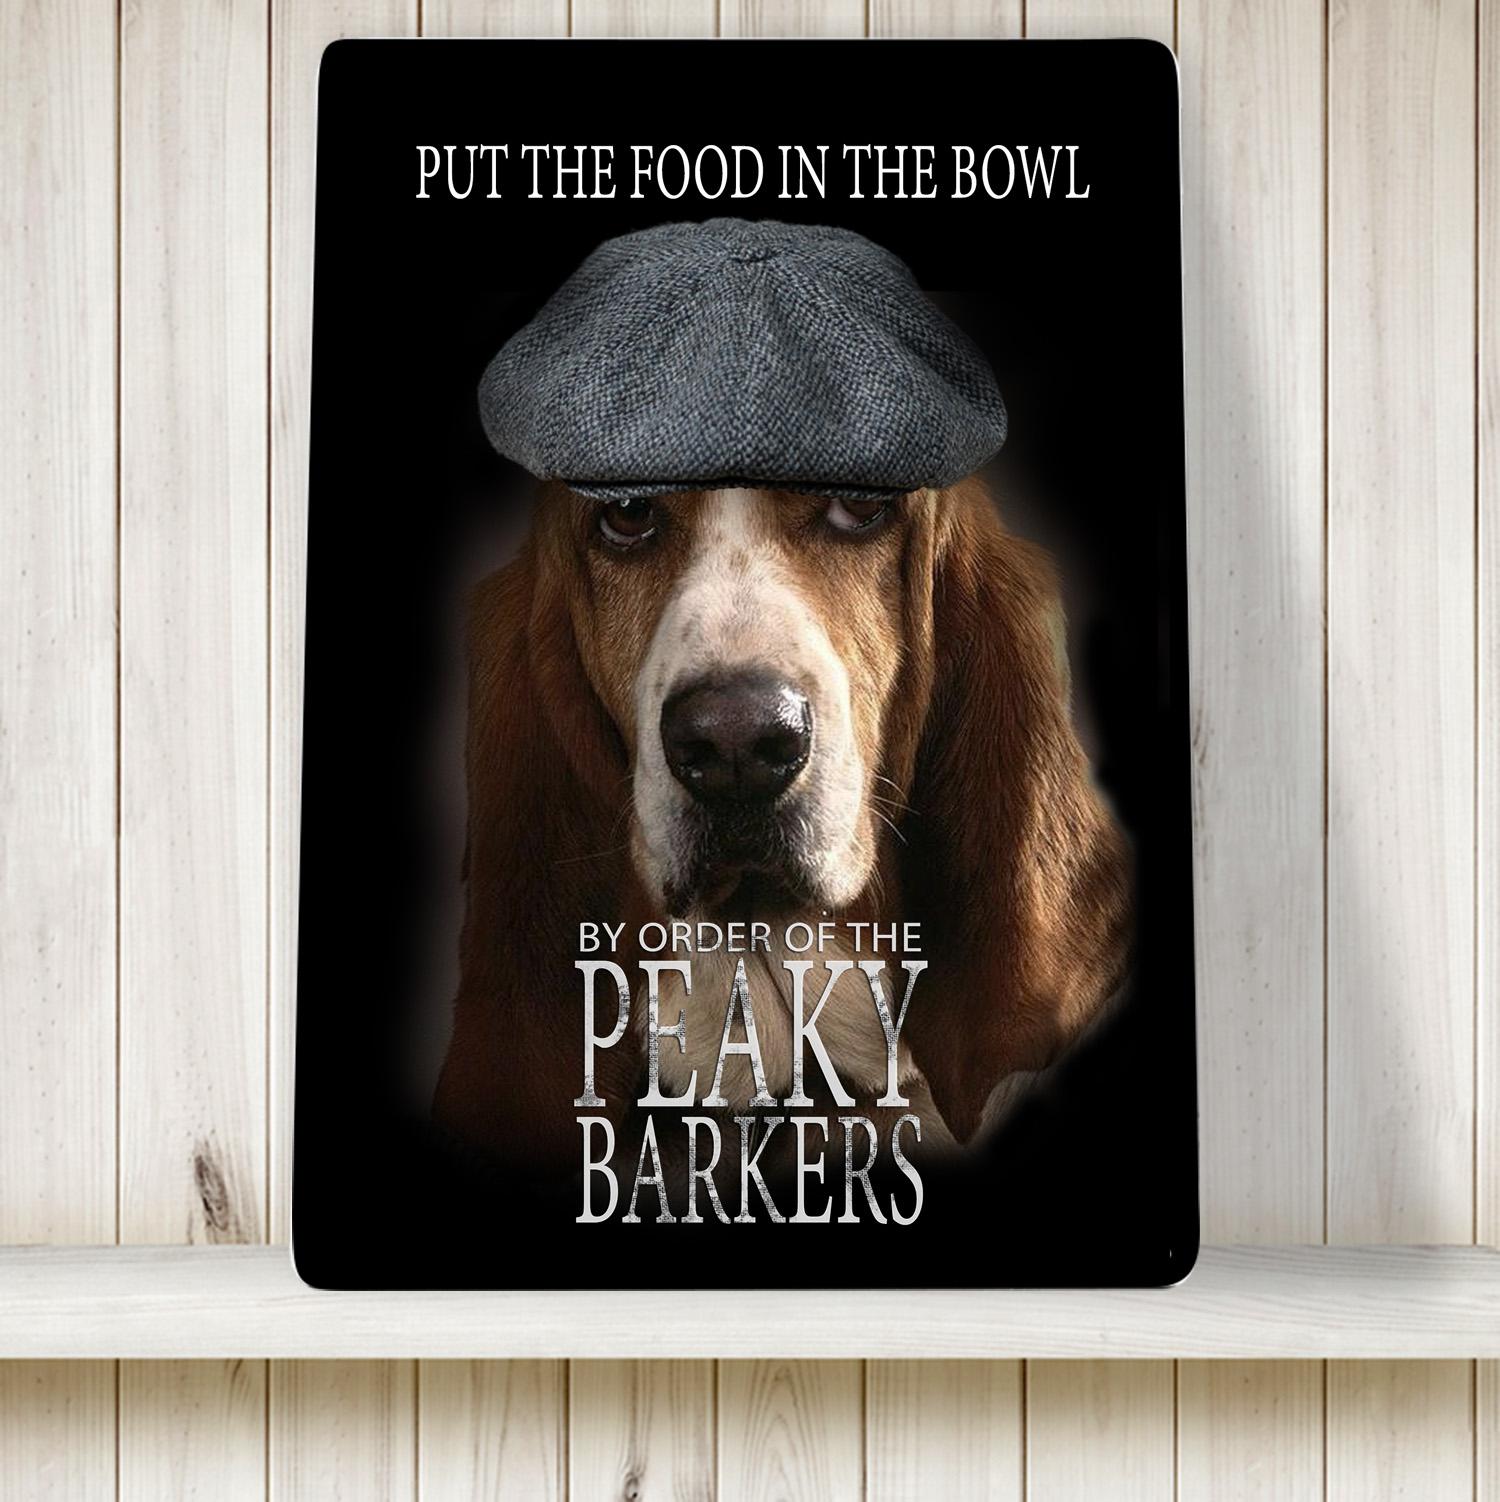 Peaky Barkers